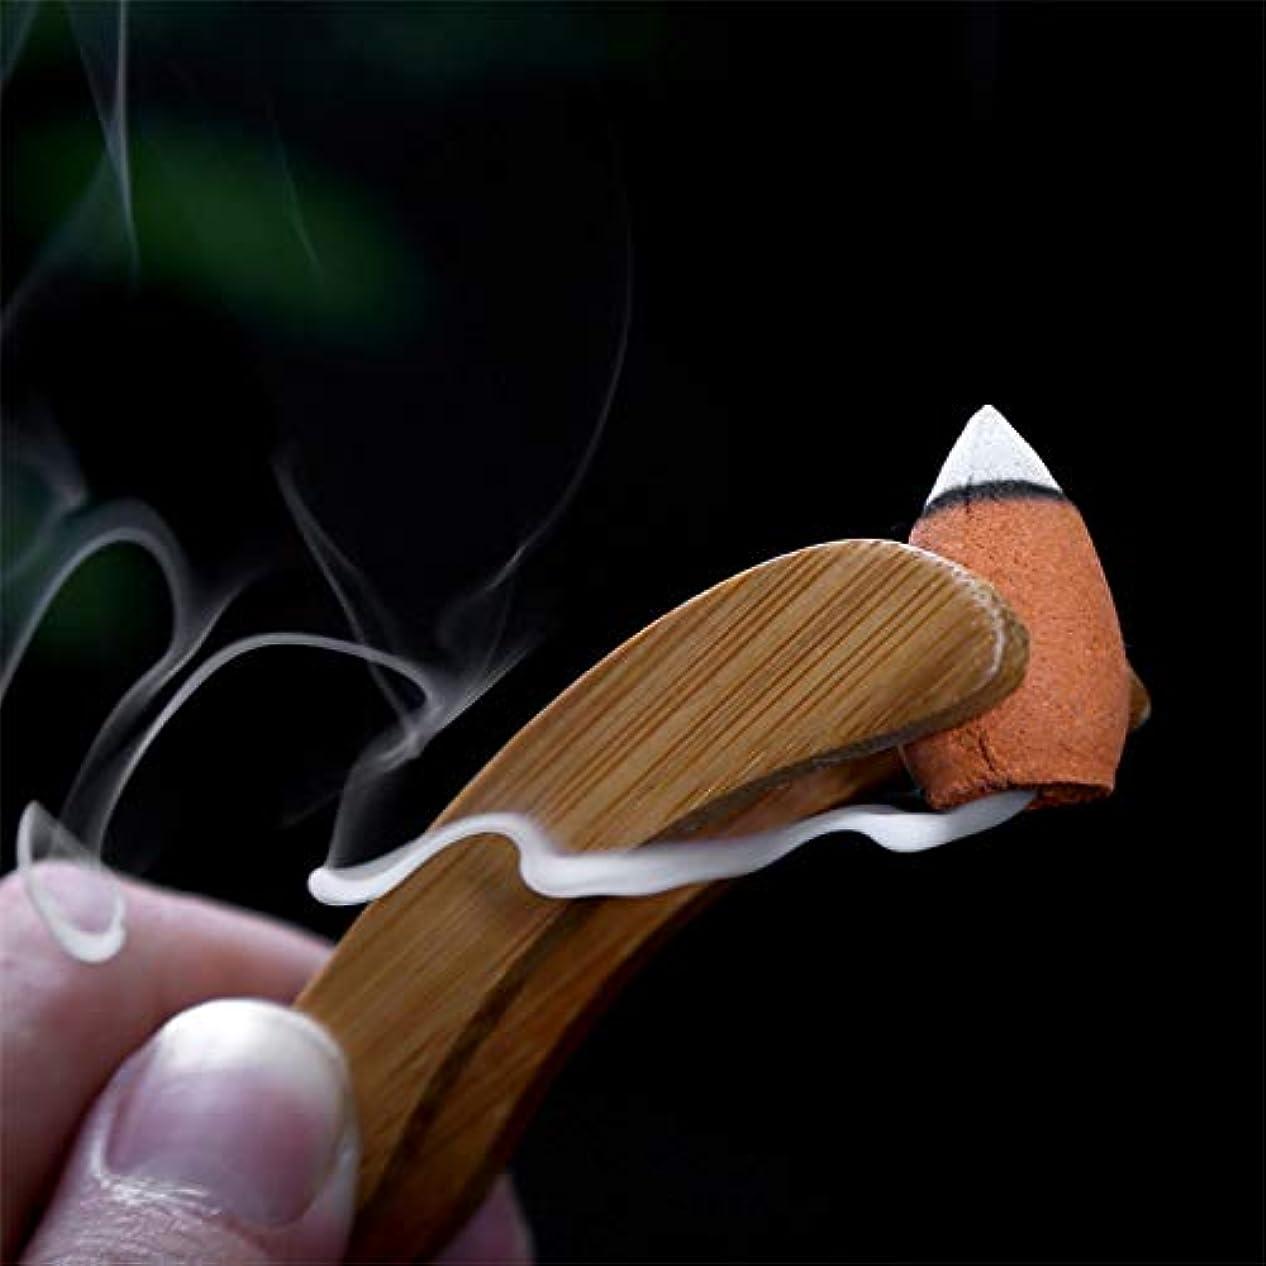 ハイジャック不名誉な学者AGVTUO 40pcs / Box Natural Sandalwood Pagoda Incense Backflow Cones Grain Scented Indoor Relaxing Relieve Stress